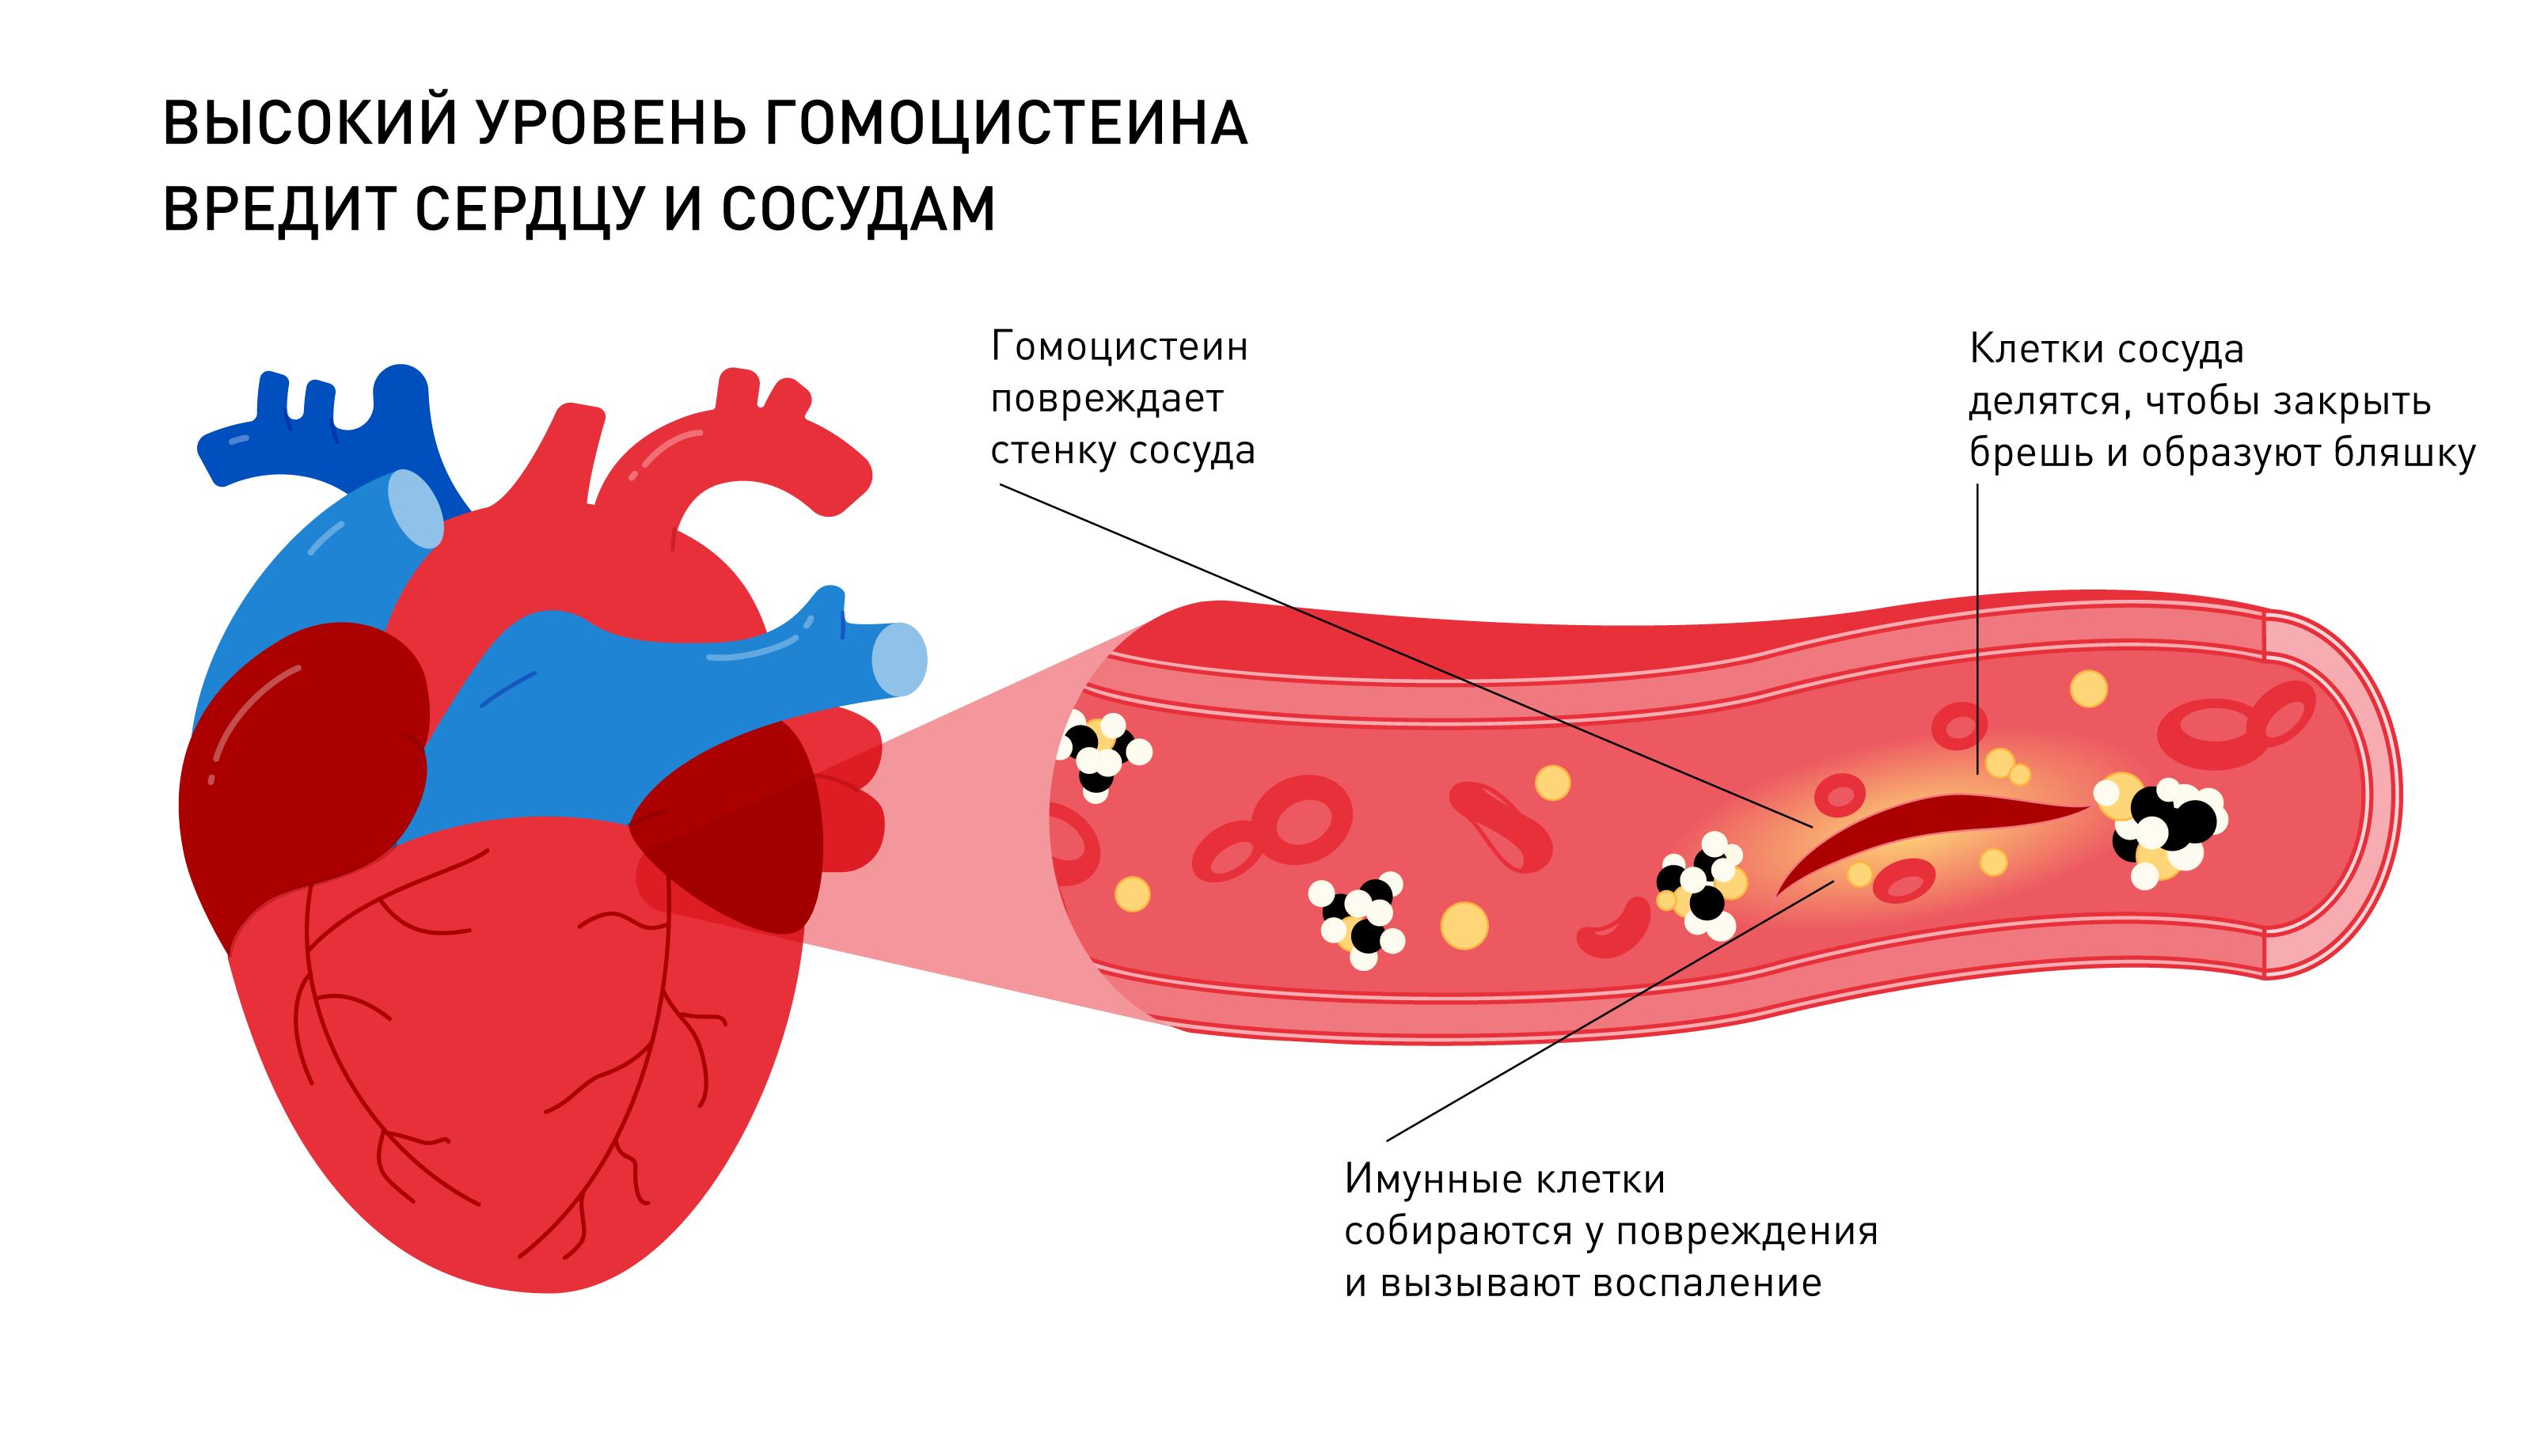 Сердце и сосуды: влияние гомоцистеина